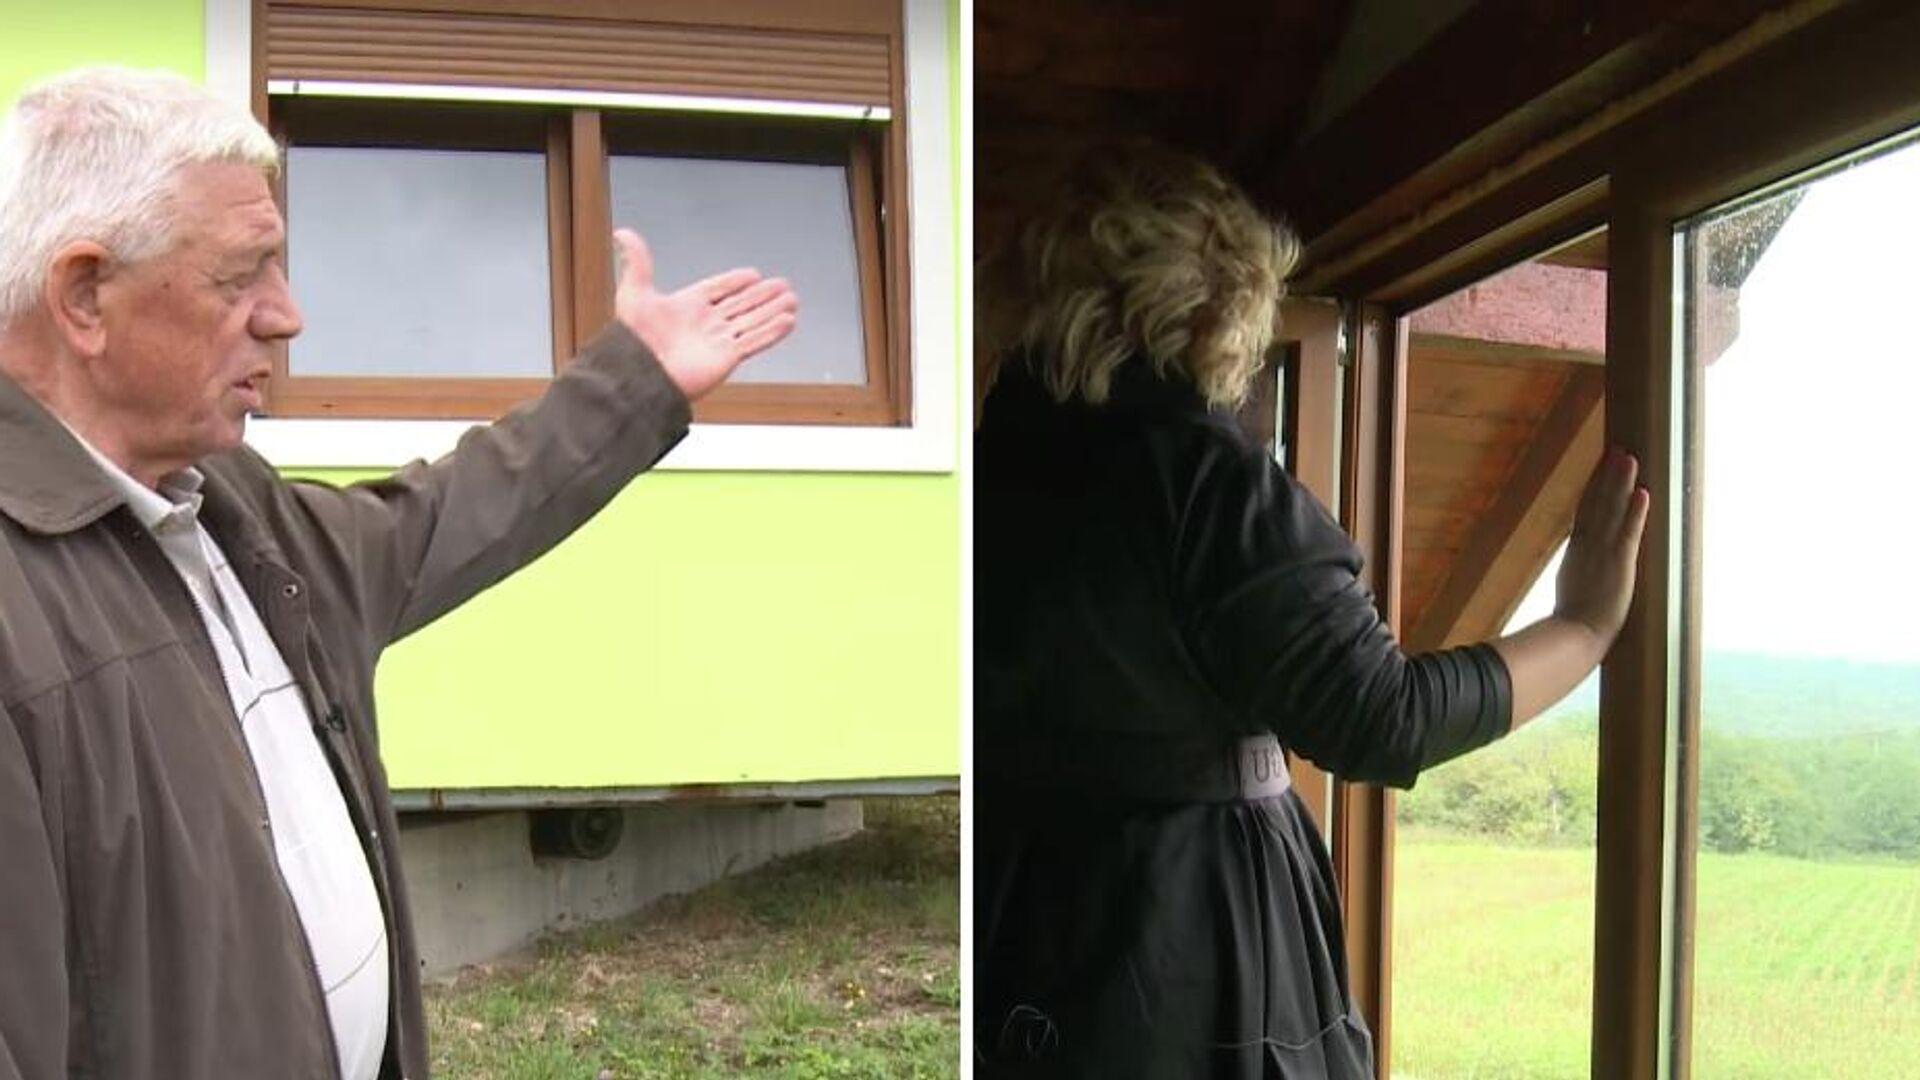 Άντρας έφτιαξε περιστρεφόμεο σπίτι για να μην γκρινιάζει η γυναίκα του για τη θέα - Sputnik Ελλάδα, 1920, 10.10.2021